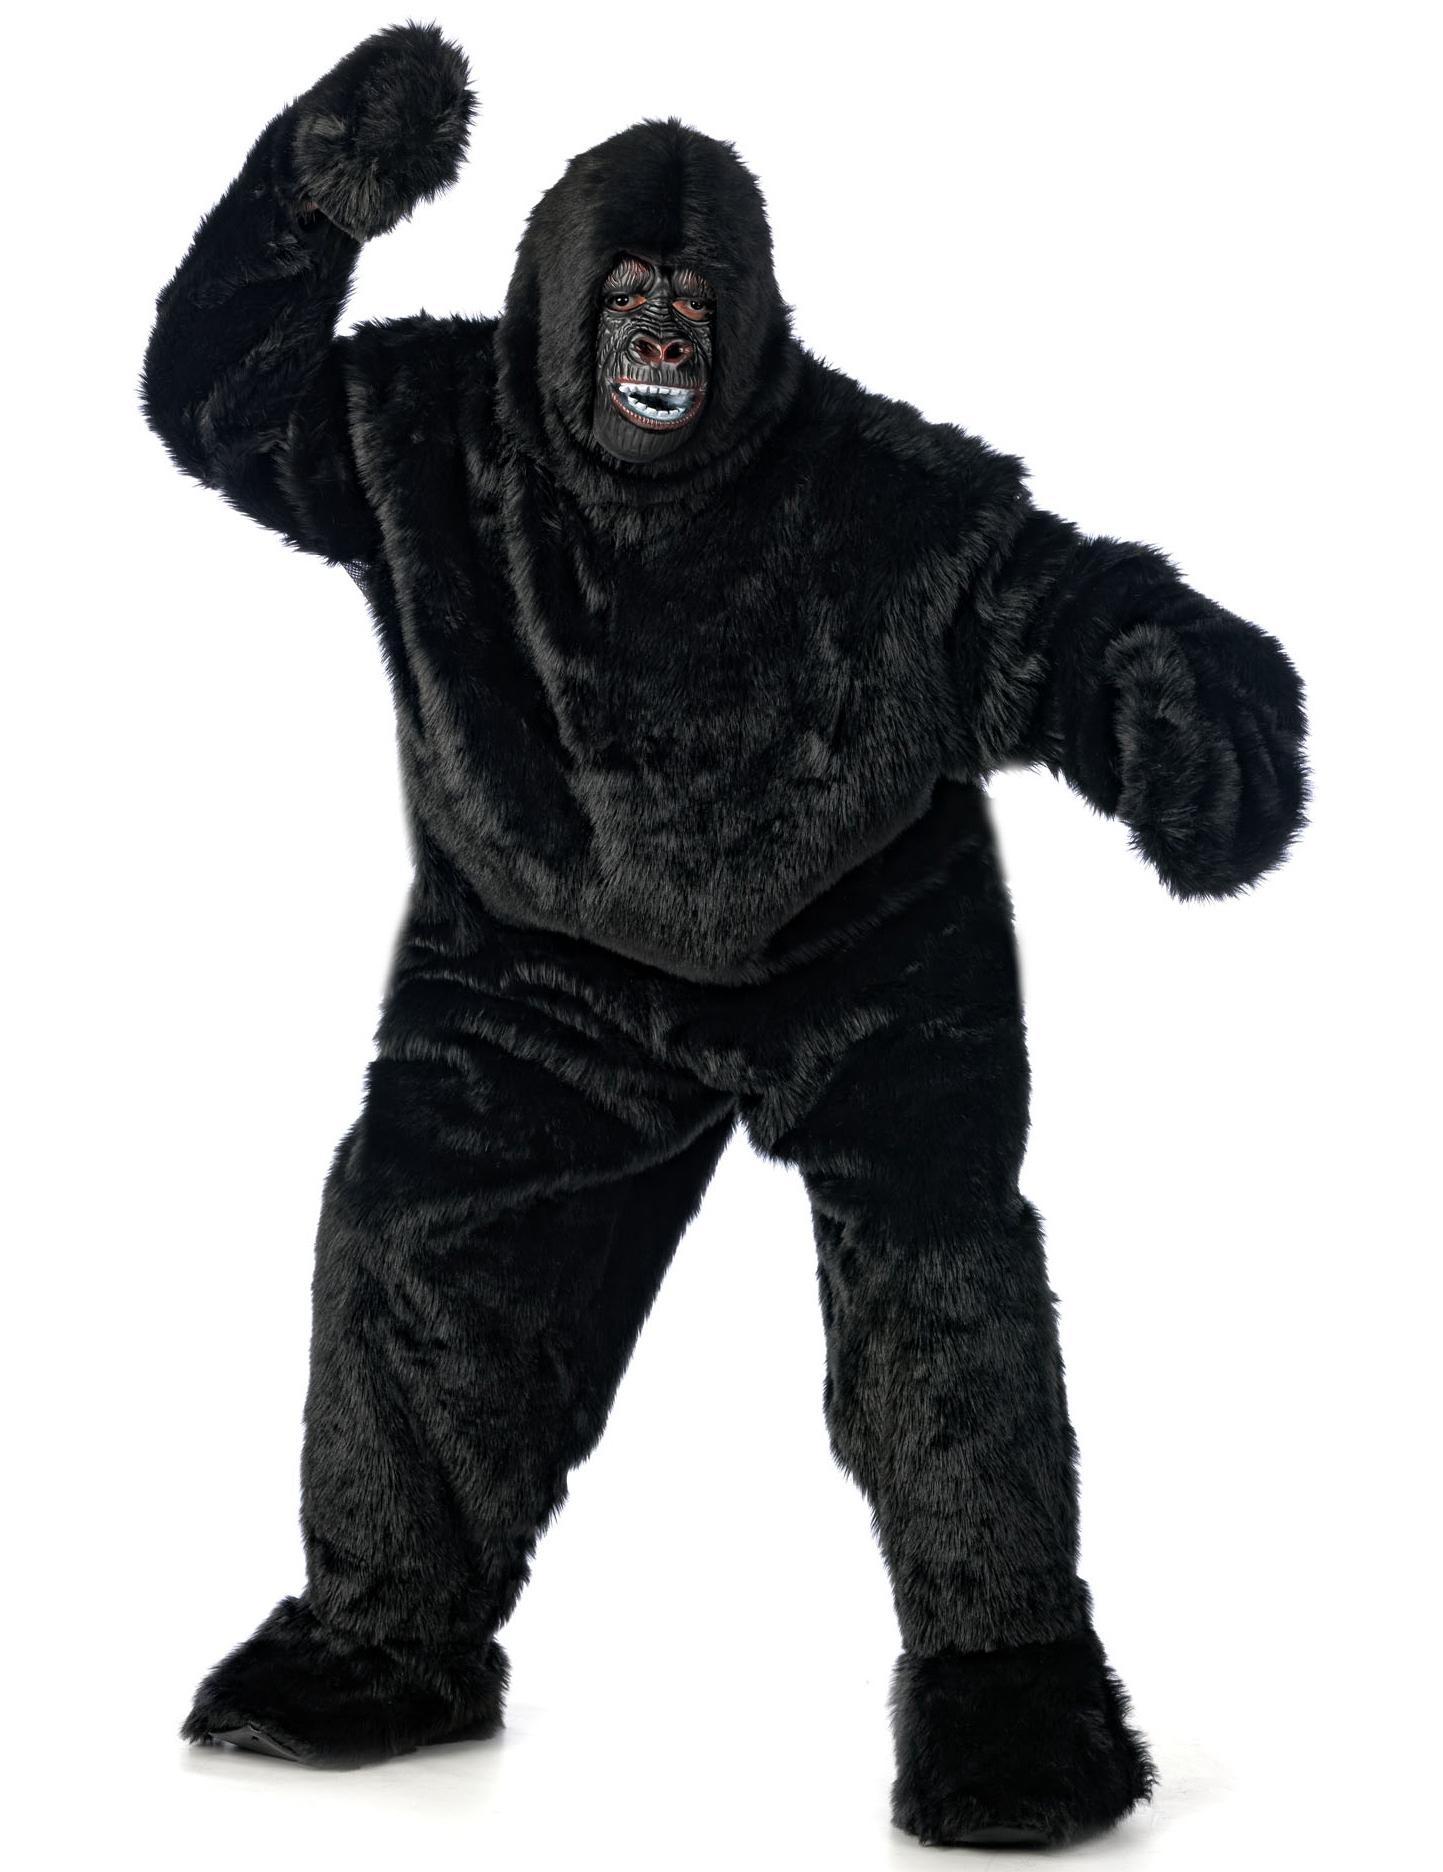 schwarzes gorilla kost m f r erwachsene kost me f r erwachsene und g nstige faschingskost me. Black Bedroom Furniture Sets. Home Design Ideas